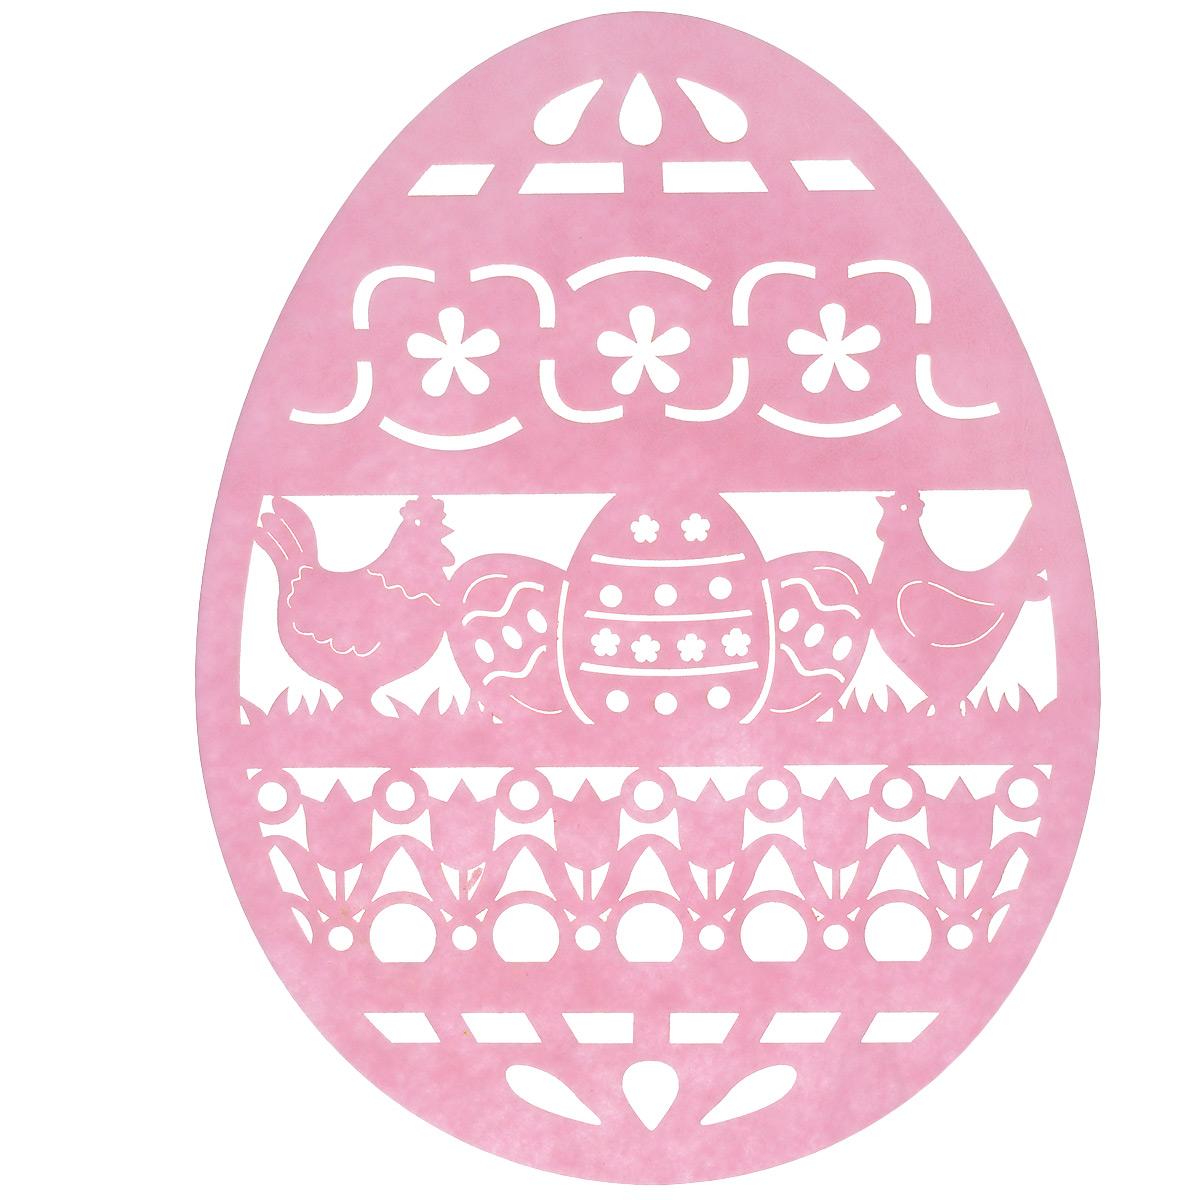 Салфетка Home Queen Веселый праздник, цвет: розовый, 25 х 33 х 0,2 смVT-1520(SR)Салфетка Home Queen Веселый праздник изготовлена из фетра, выполнена в форме яйца и имеет красивую перфорацию. Вы можете использовать салфетку для декорирования стола, комода, журнального столика. В любом случае она добавит в ваш дом стиля, изысканности и неповторимости и убережет мебель от царапин и потертостей. Размер салфетки: 25 см х 33 см х 0,2 см.